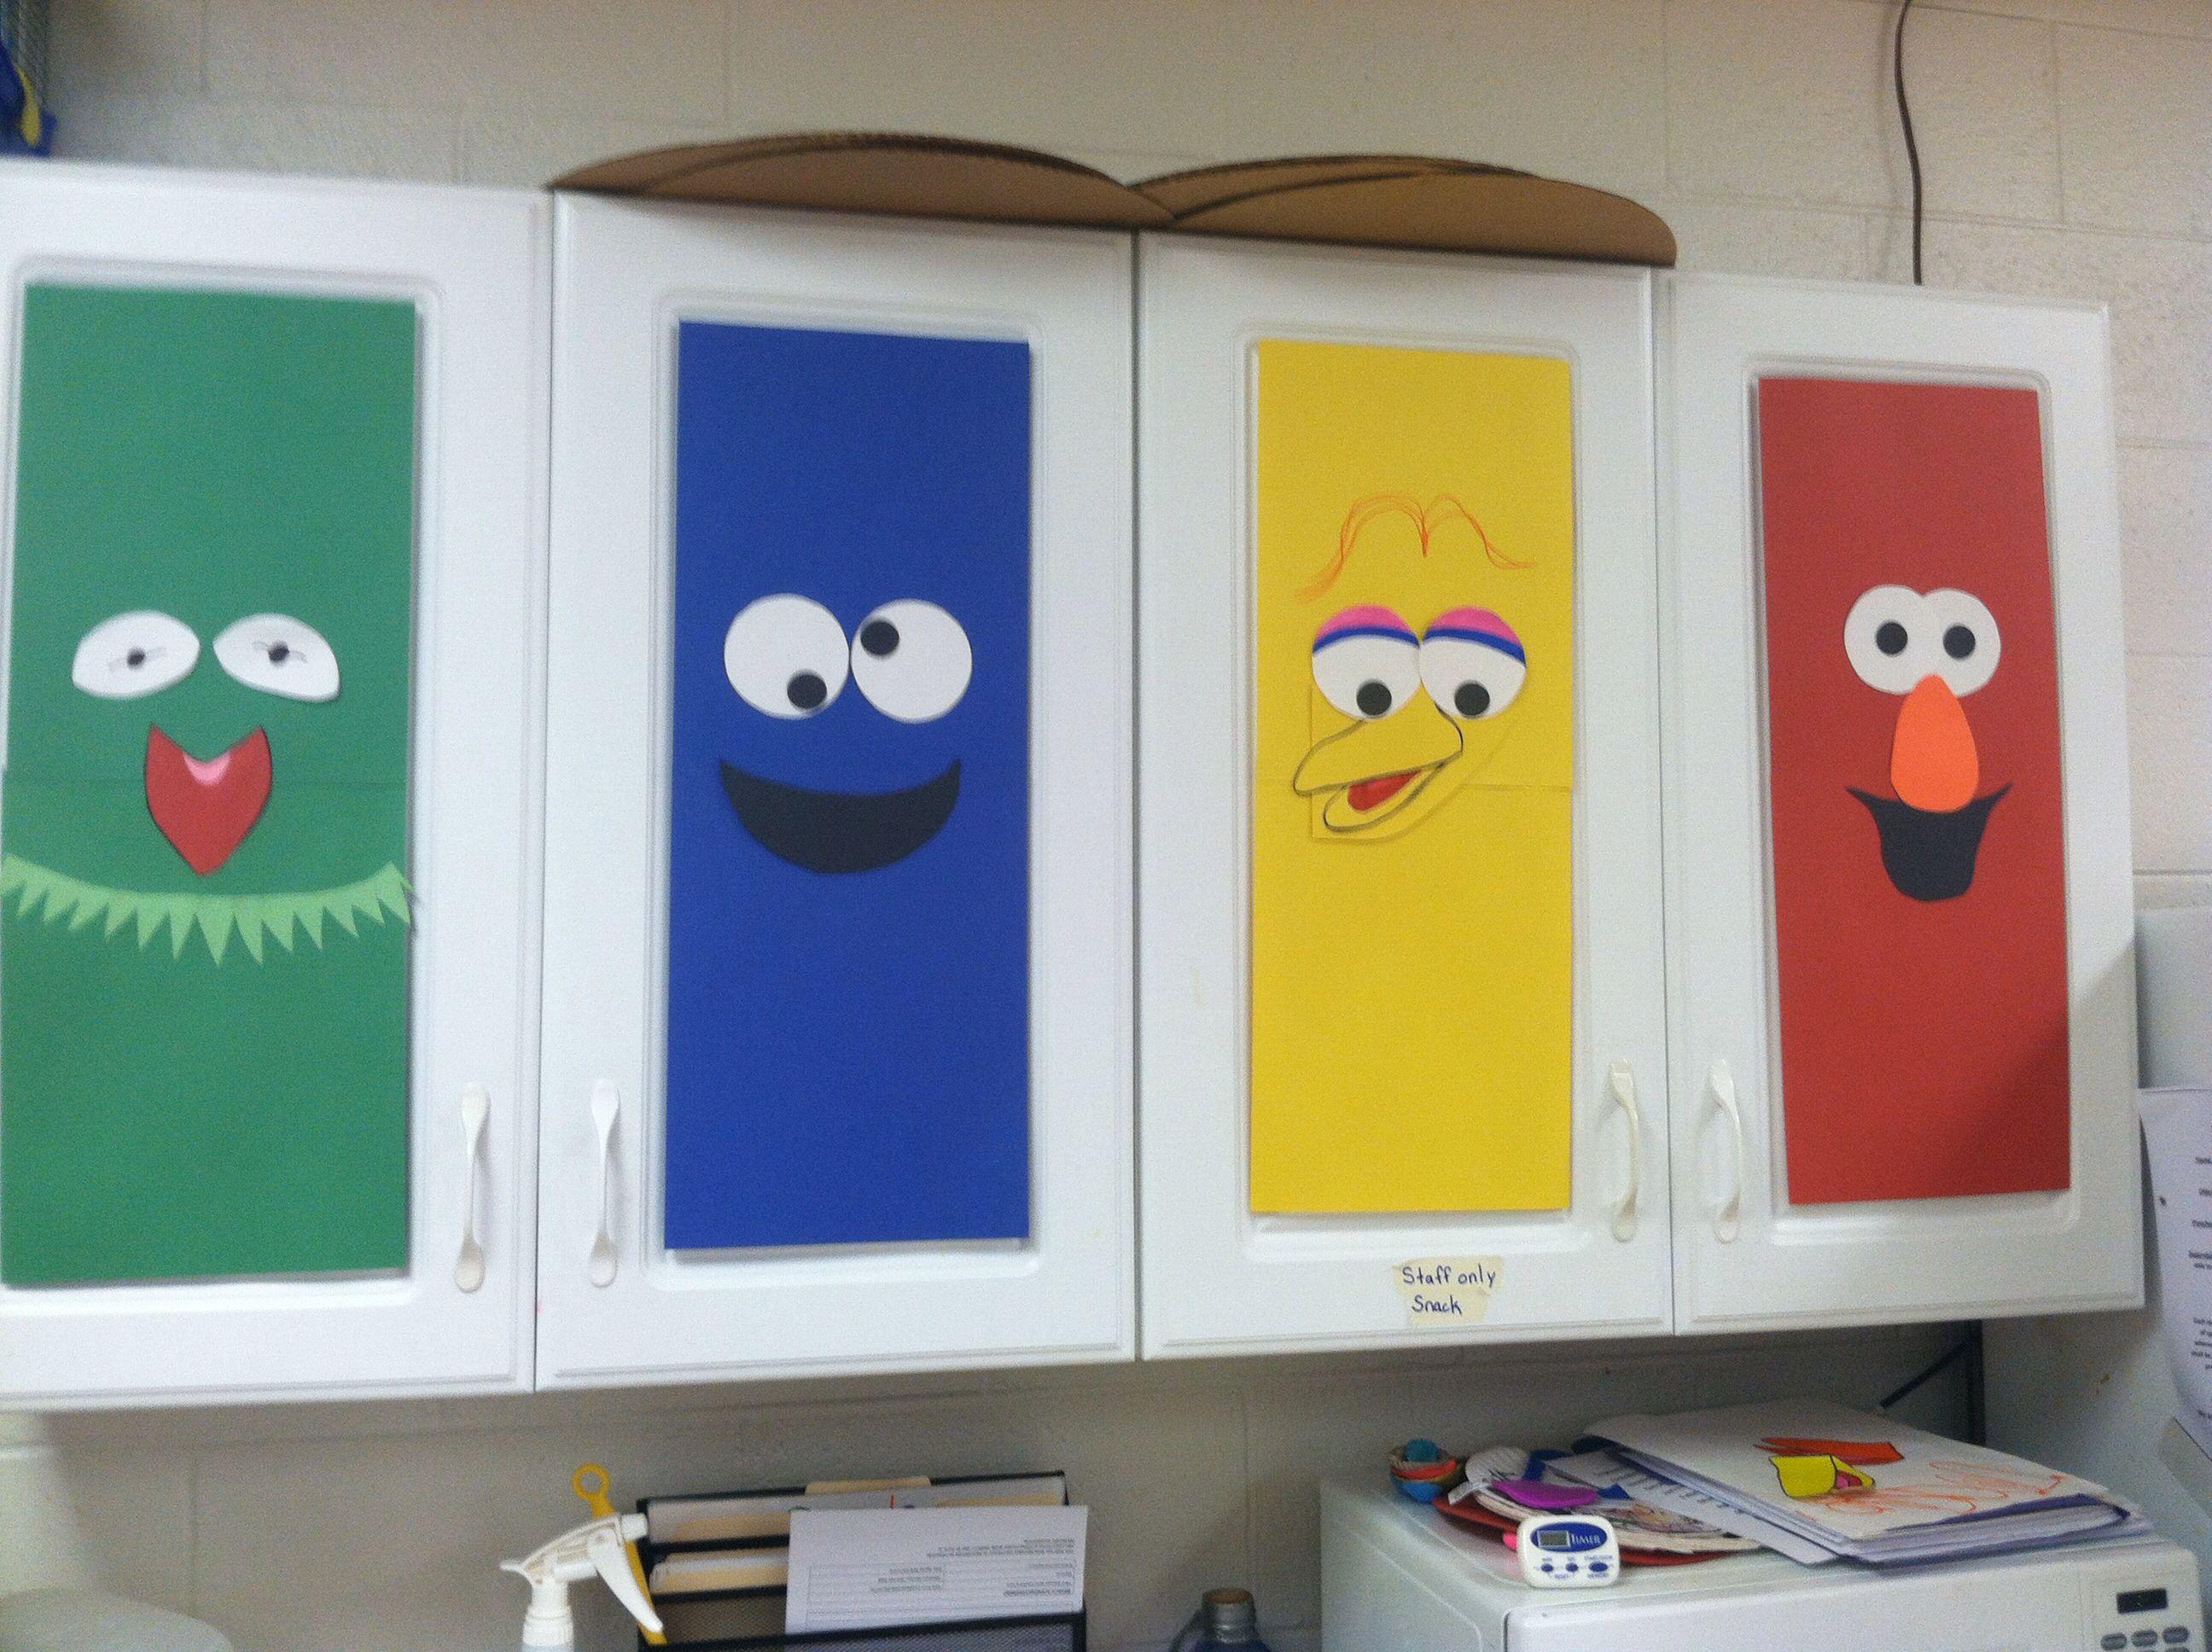 Preschool Classroom Cabinet Decorations Art Classroom Preschool Classroom Kids Classroom